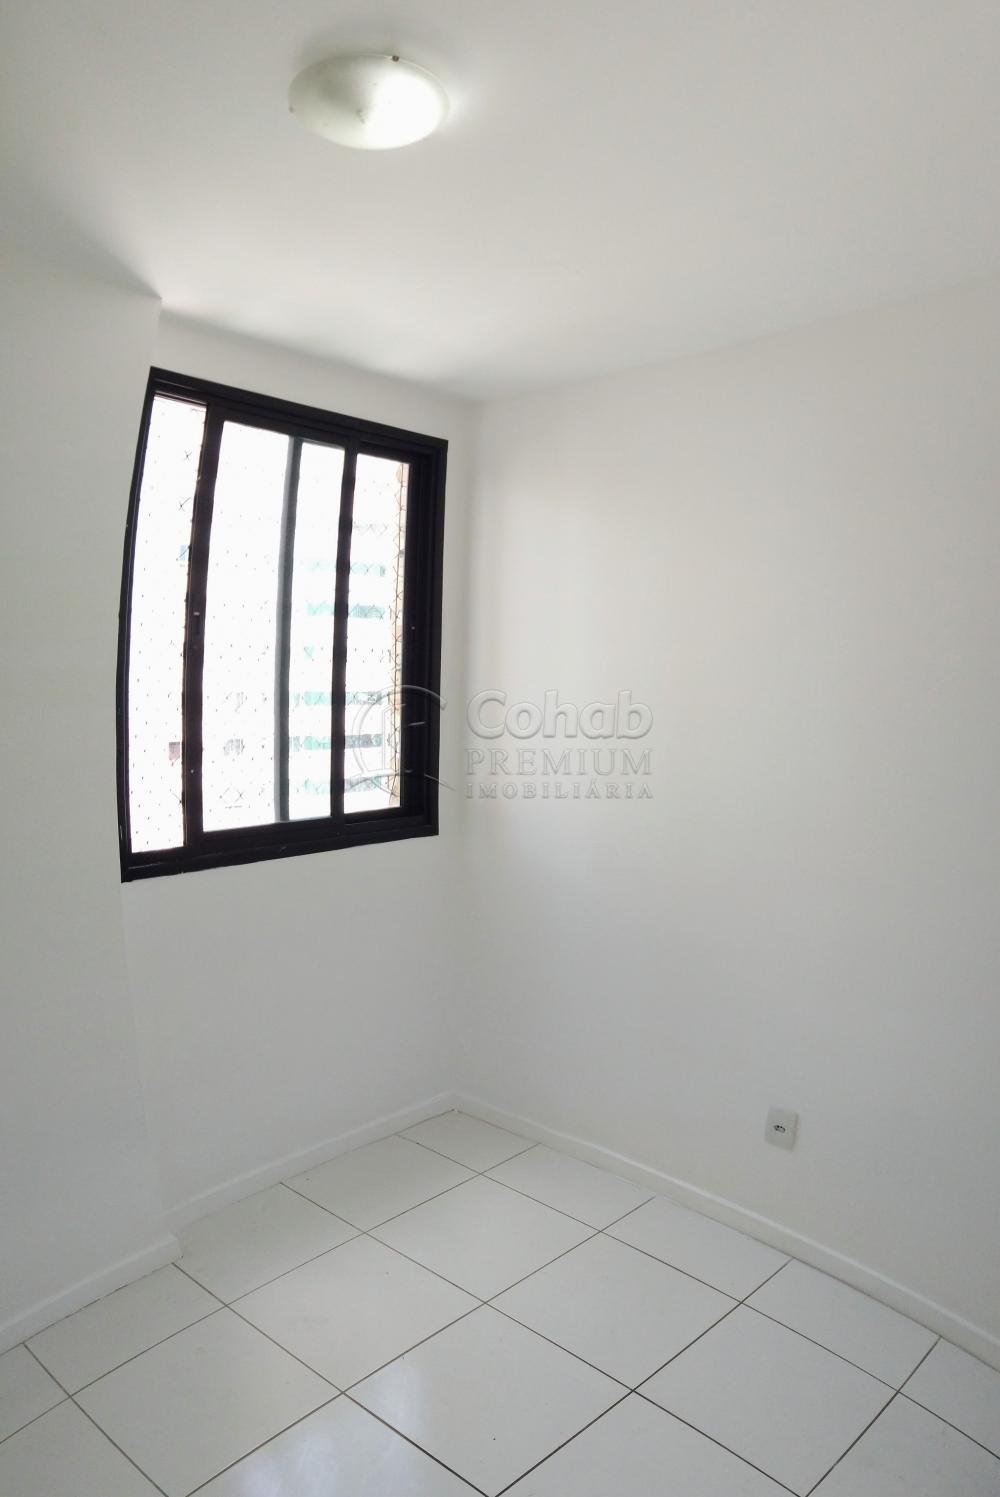 Alugar Apartamento / Padrão em Aracaju apenas R$ 3.000,00 - Foto 23